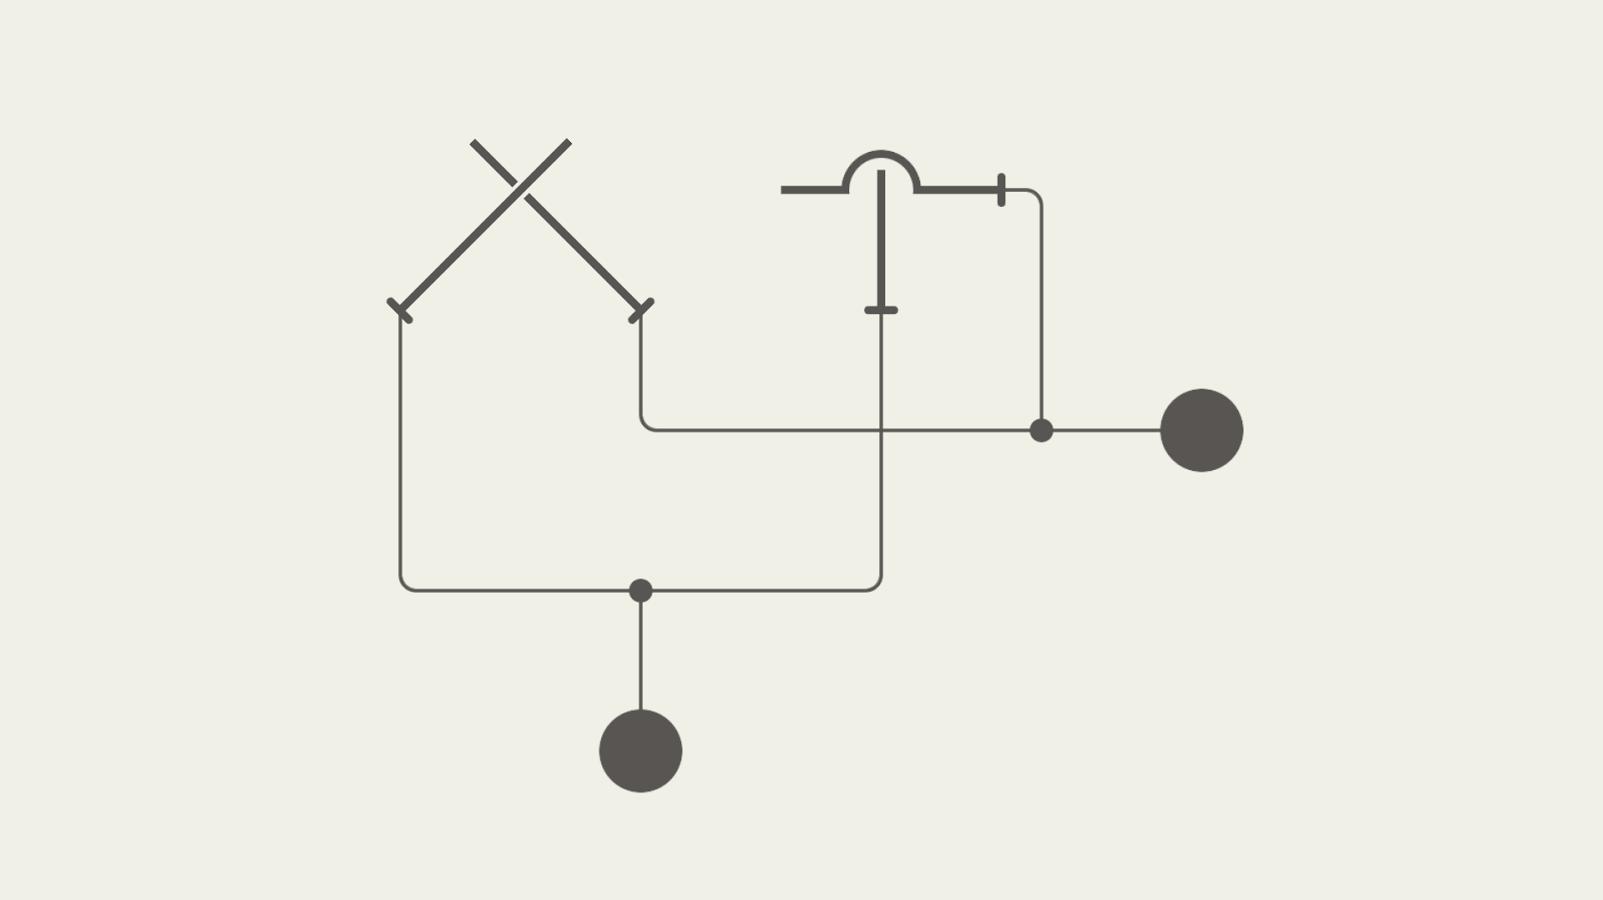 Hook est un jeu de logique simple sans être simpliste